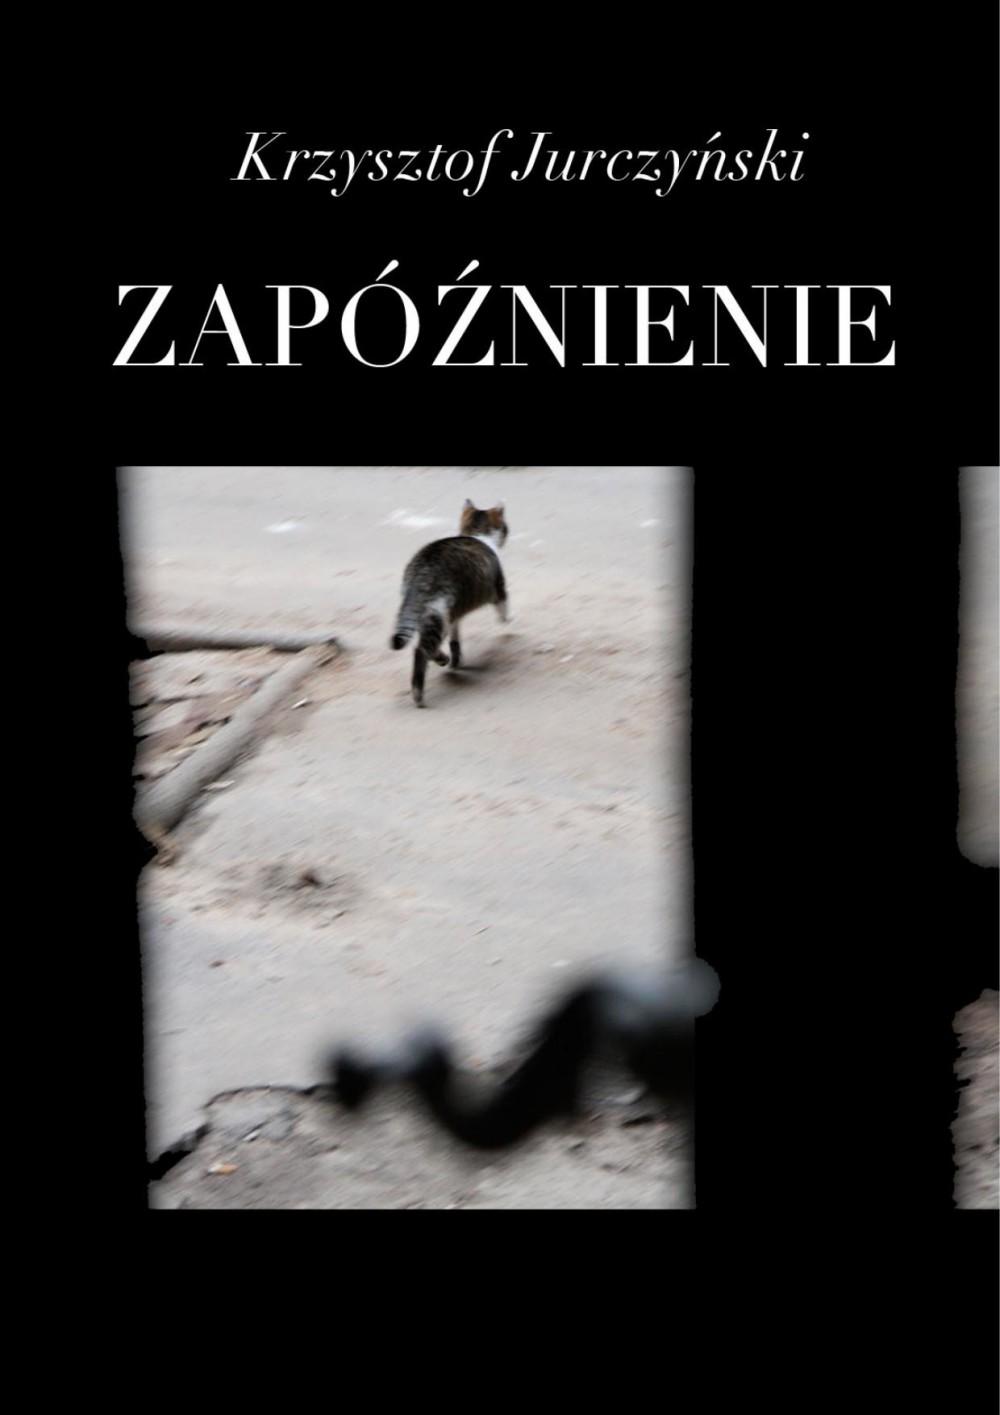 kliknij - zapoznaj się z publikacją - Zapóźnienie, Krzysztof Jurczyński, eksiążki, e-książki, ignorancja, zaniedbanie, literatura faktu i reportaże, ilusiana, epartnerzy.com